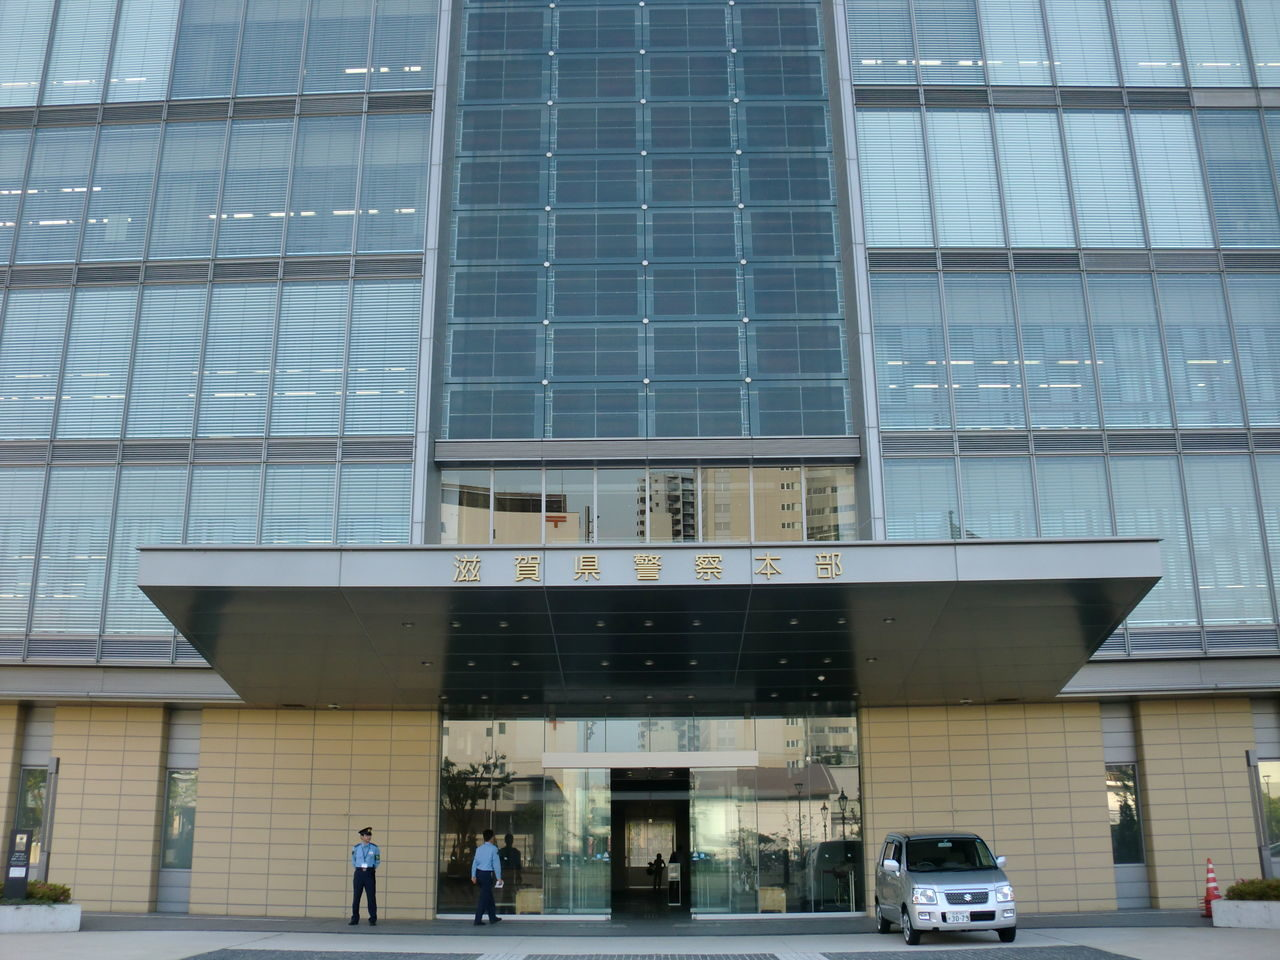 知人の首を絞めて財布を奪おとした元滋賀県警の彦根署長を逮捕